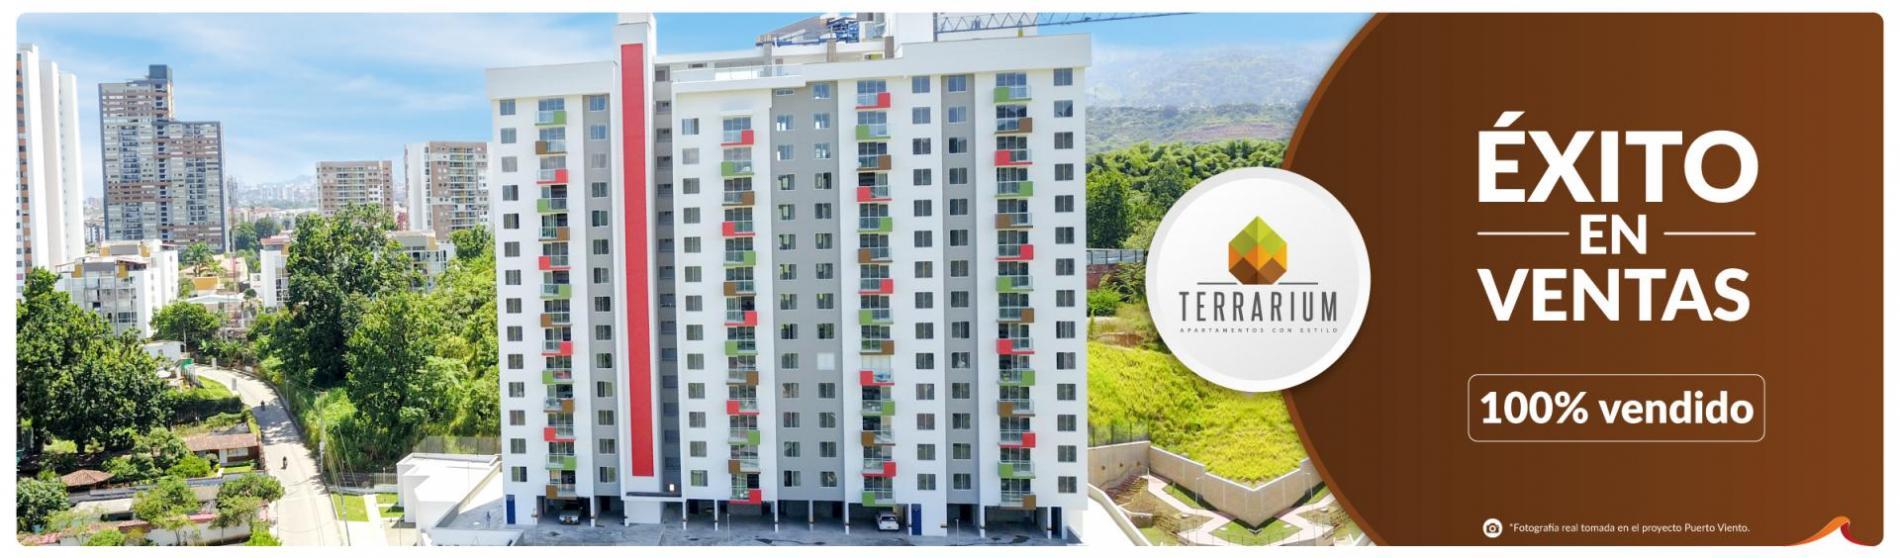 Terrarium - Éxito en ventas - Constructora Grupo Domus